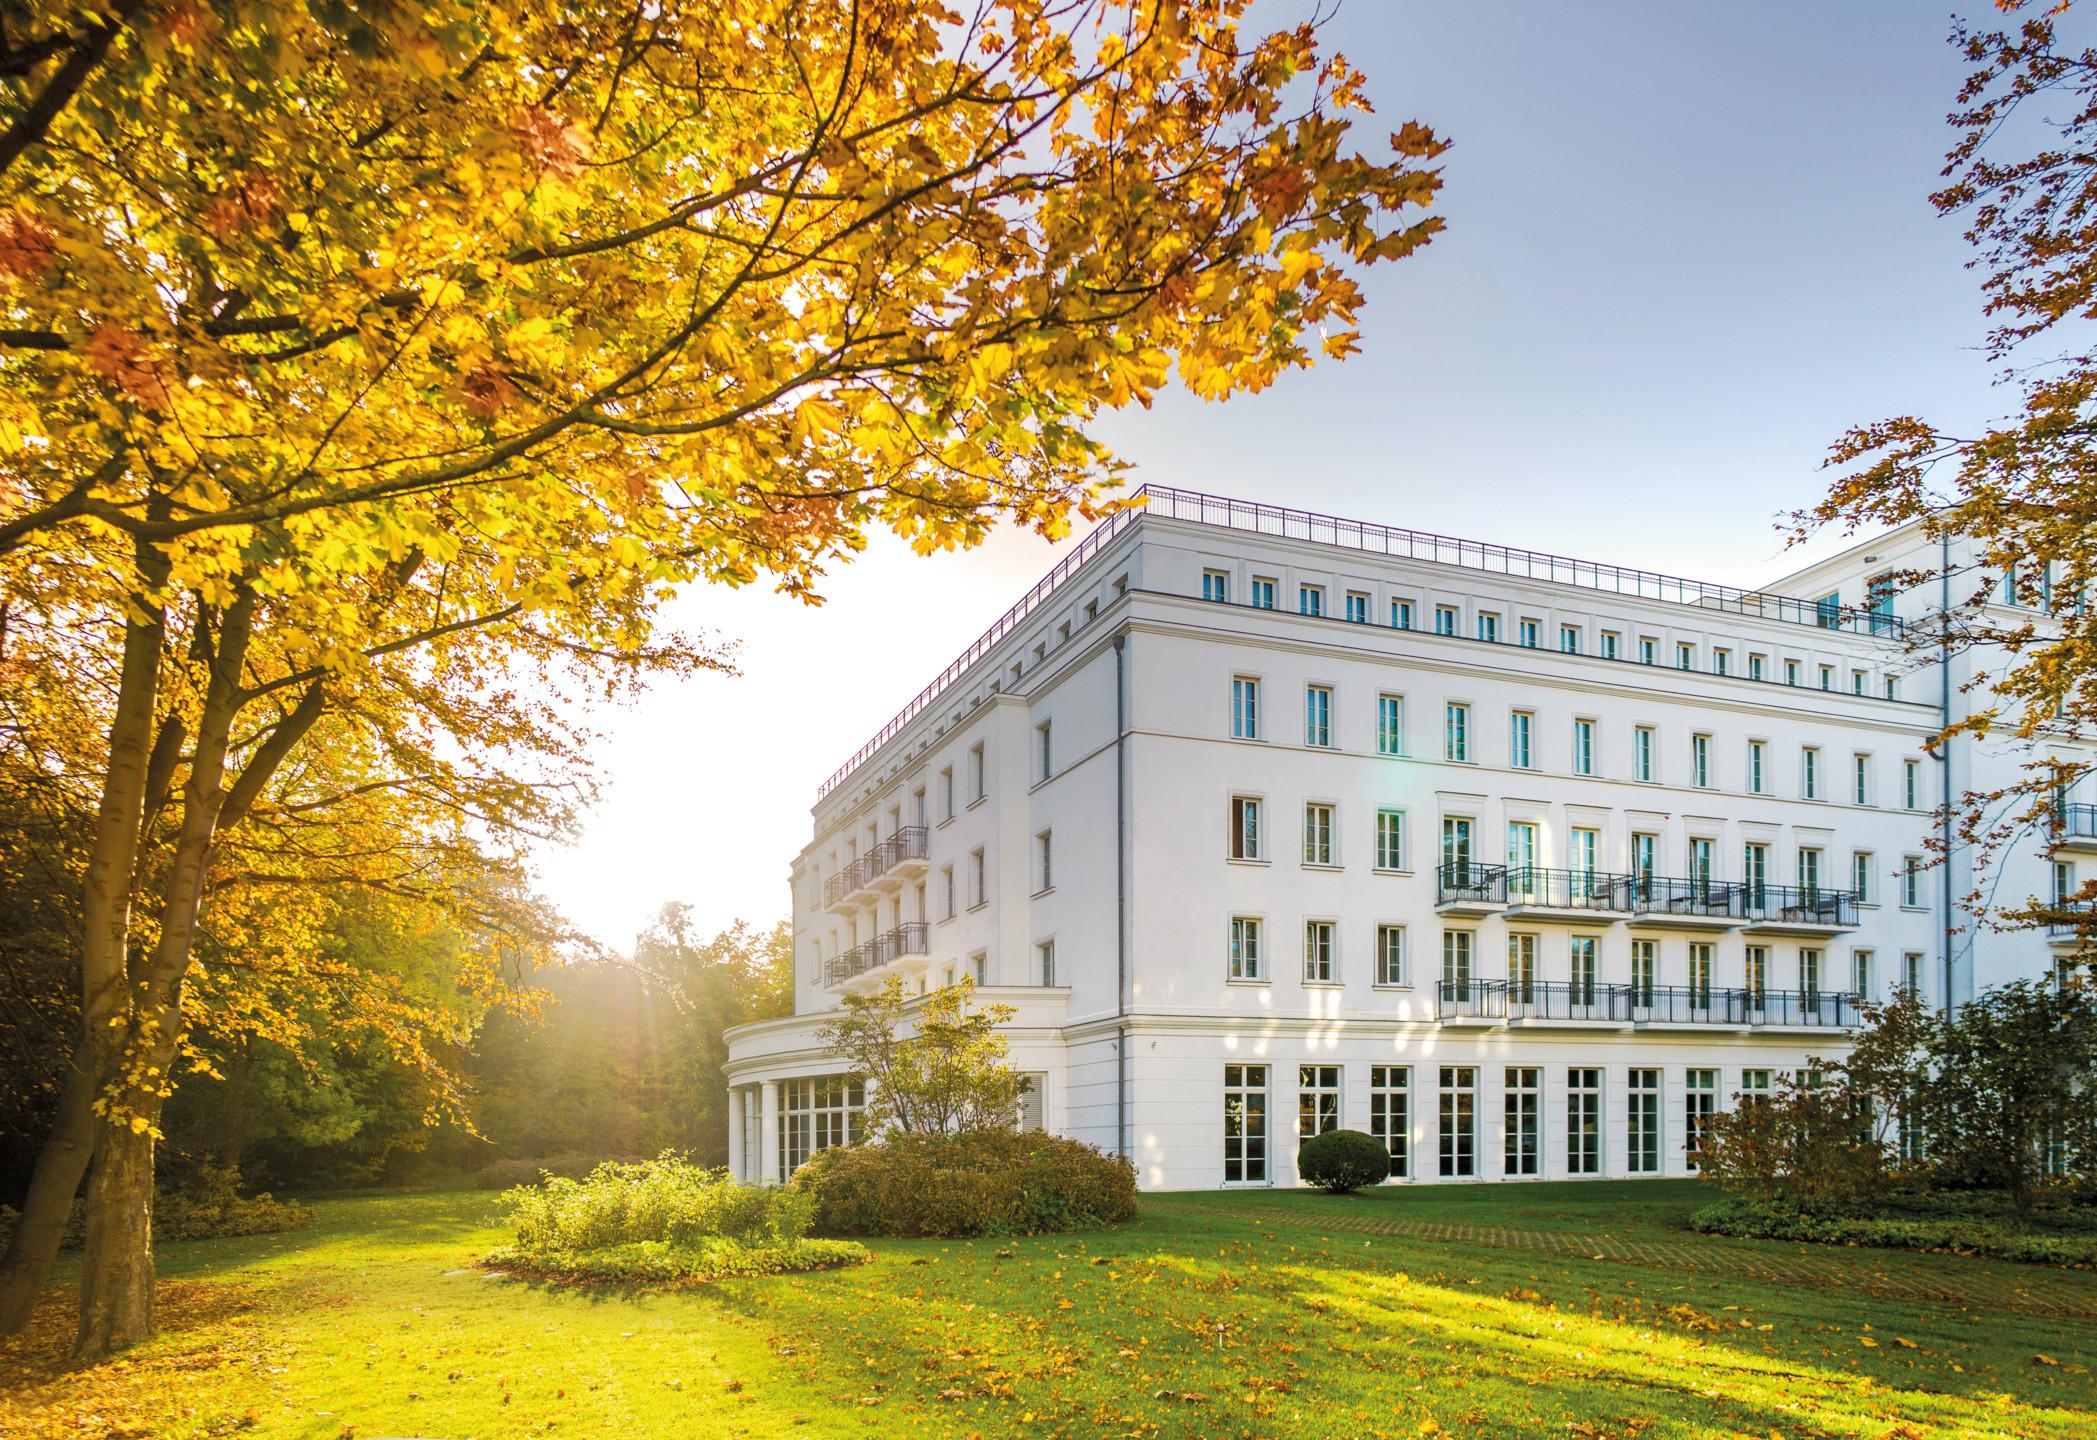 Veranstaltungshighlights in der weißen Stadt am Meer – Das Grand Hotel Heiligendamm bietet abwechslungsreiches Kulturprogramm für Herbst/Winter 2019 für einen besonderen Aufenthalt an der Ostsee